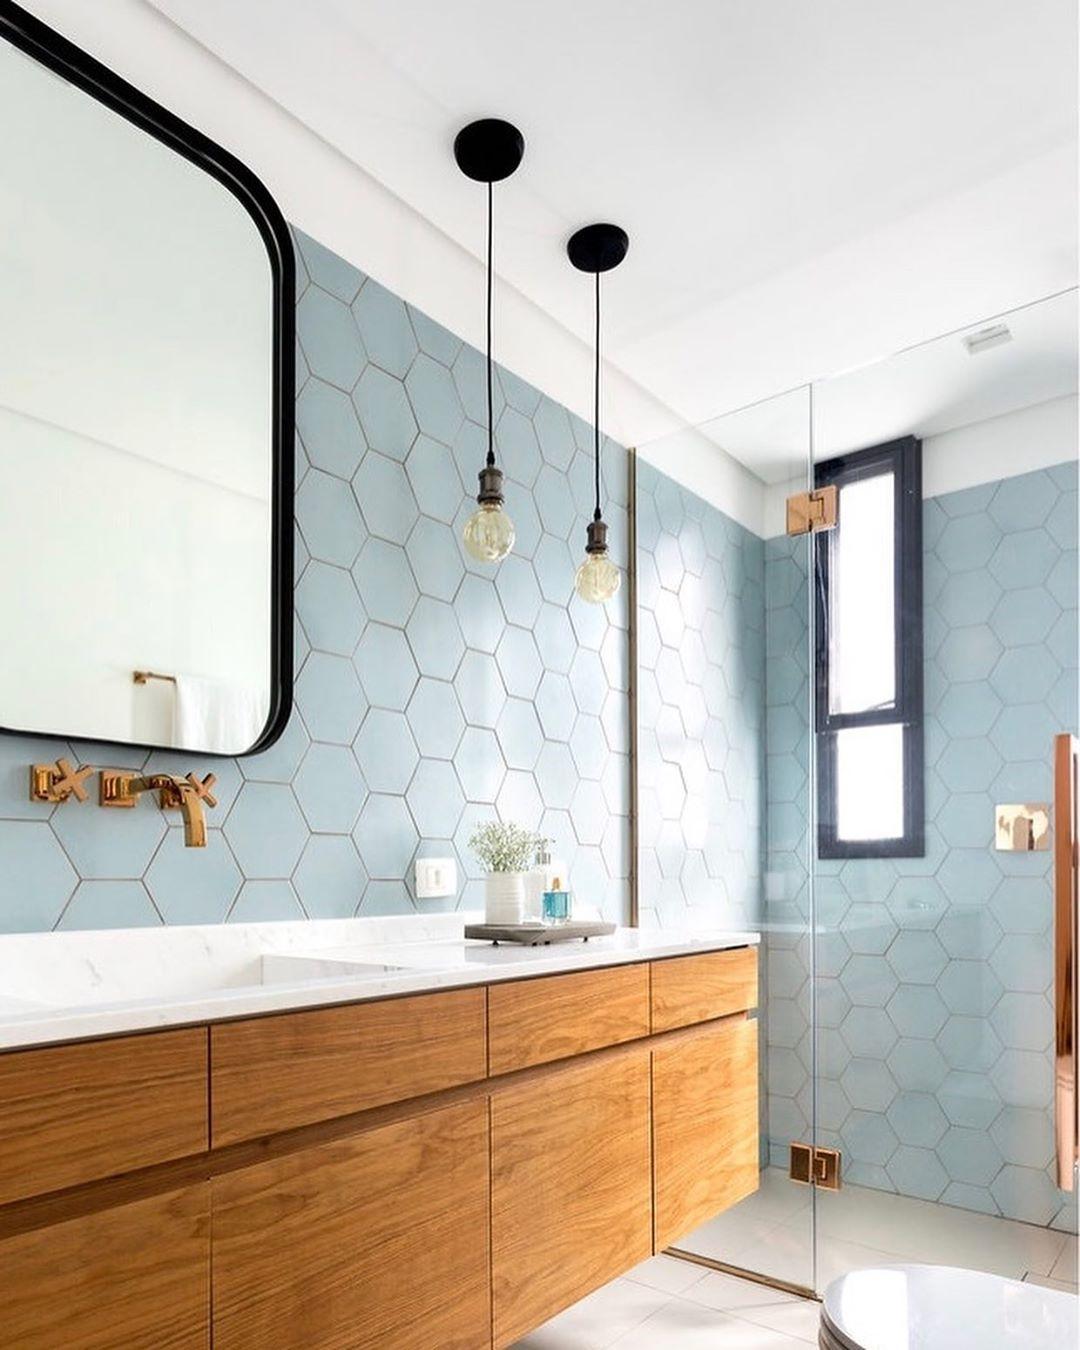 banheiro revestimento hexagonal azul